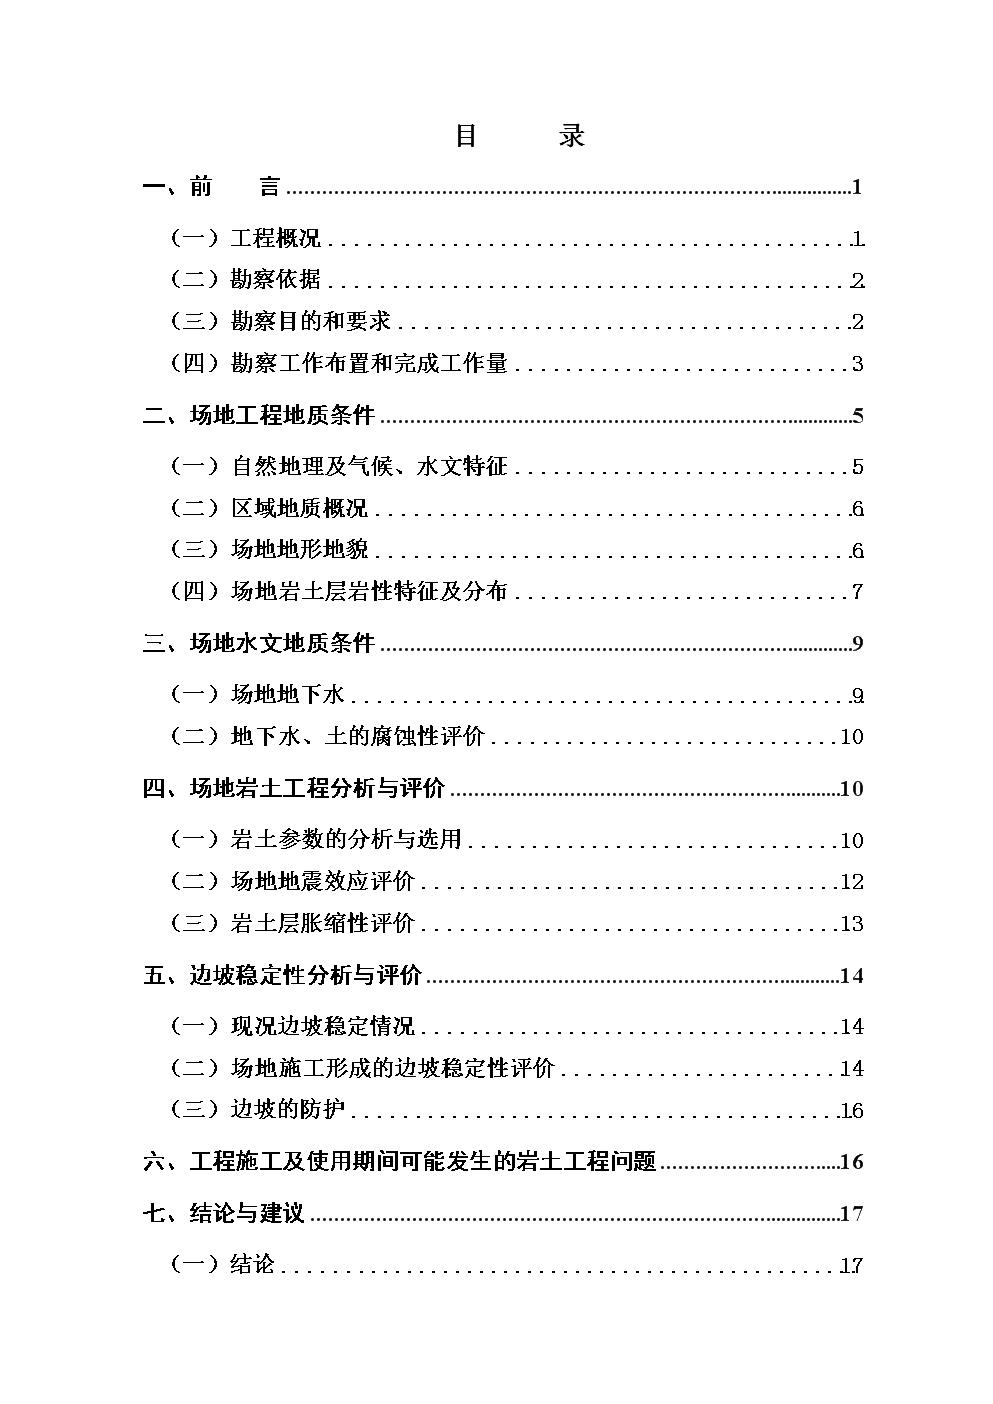 银海大道边坡勘察报告.doc